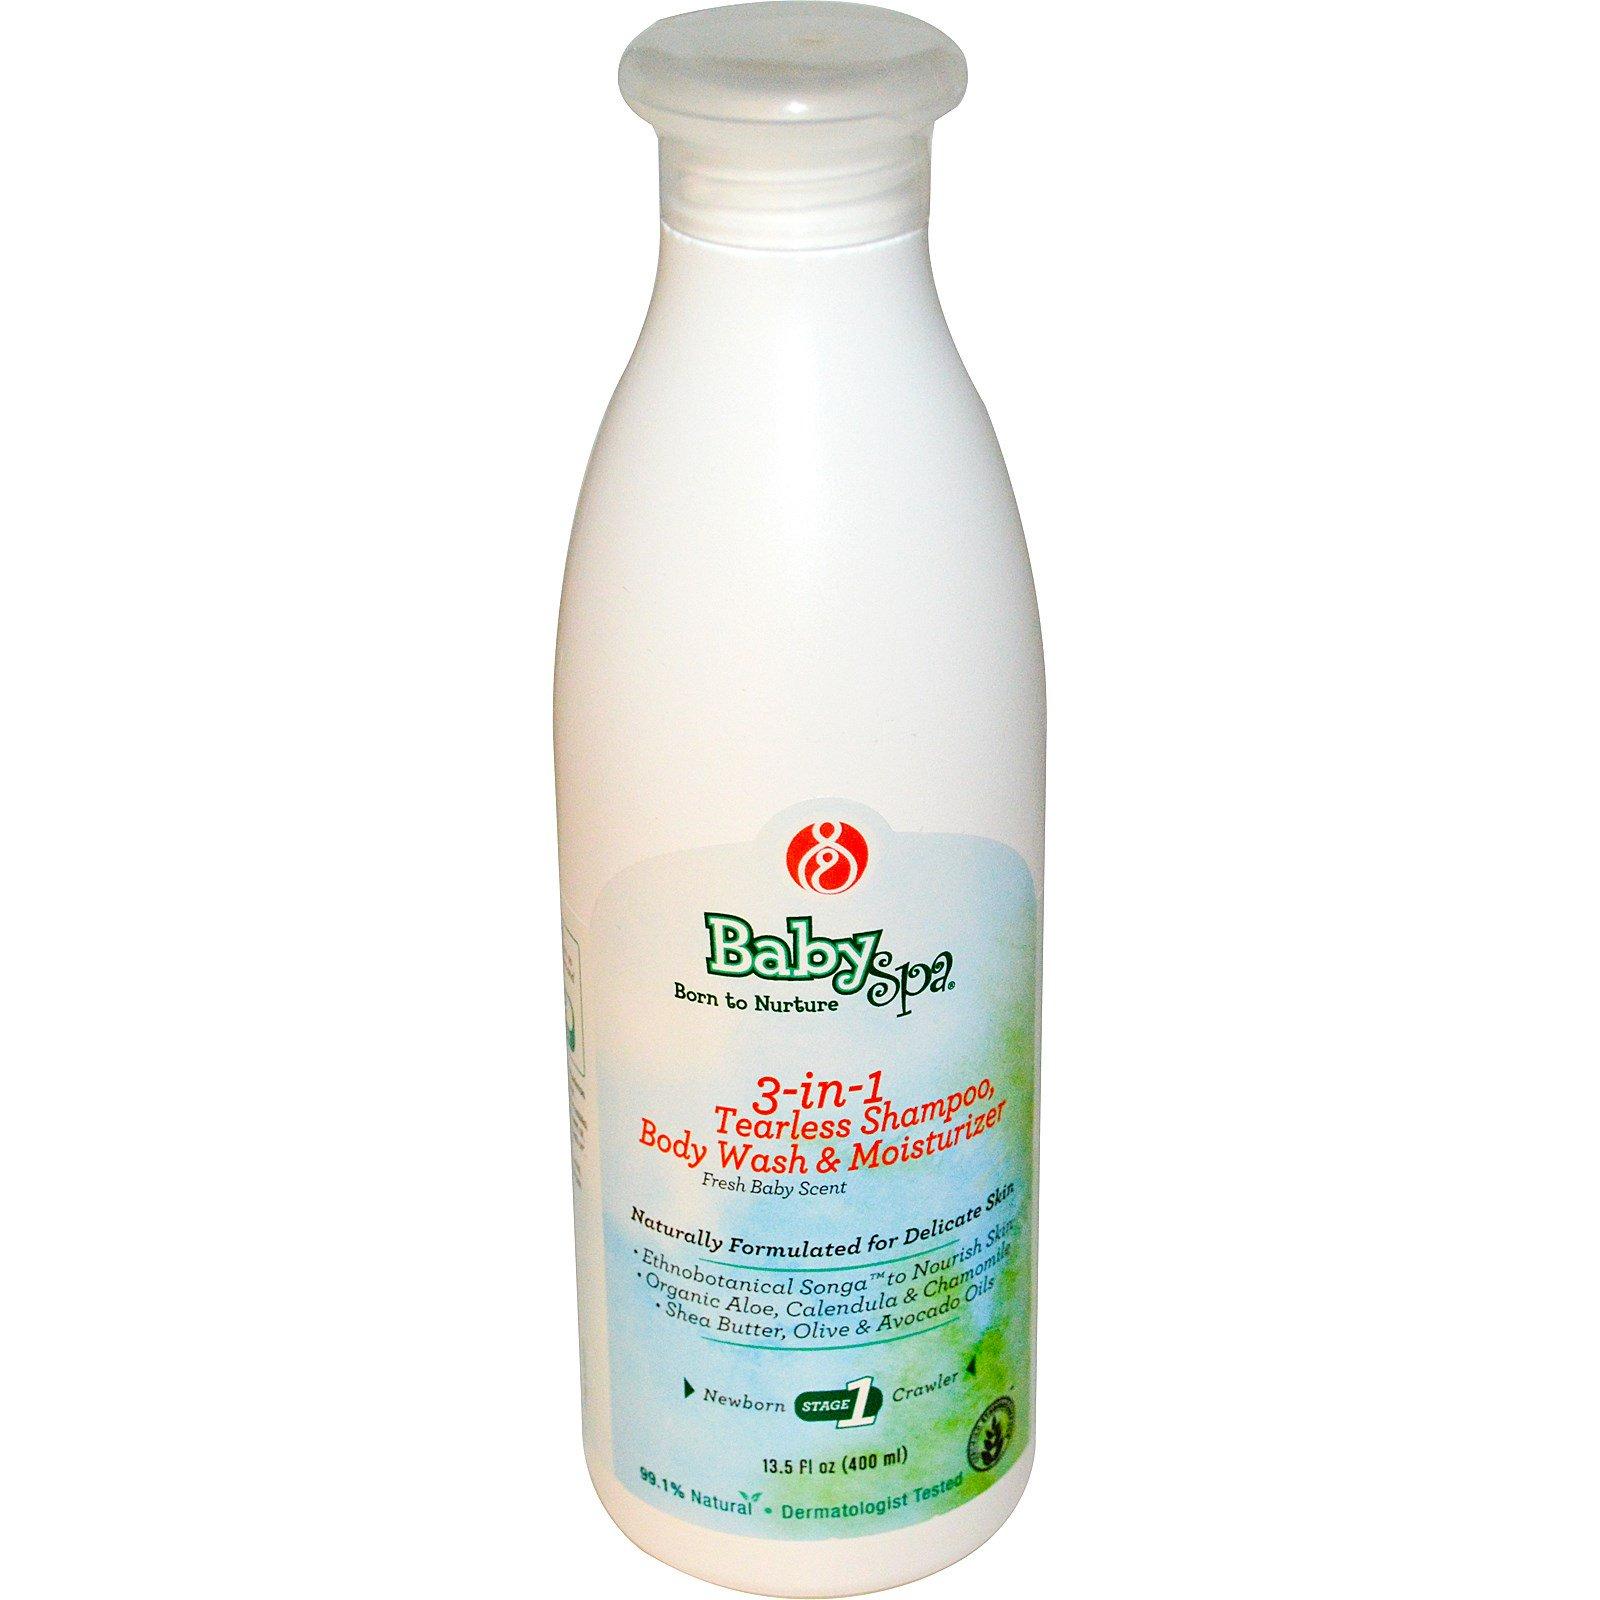 BabySpa, Шампунь без слез 3-в-1, гель для душа и увлажнение, 1-й этап, для новорожденных, свежий аромат, для младенцев, 400 мл (13,5 жидких унций)